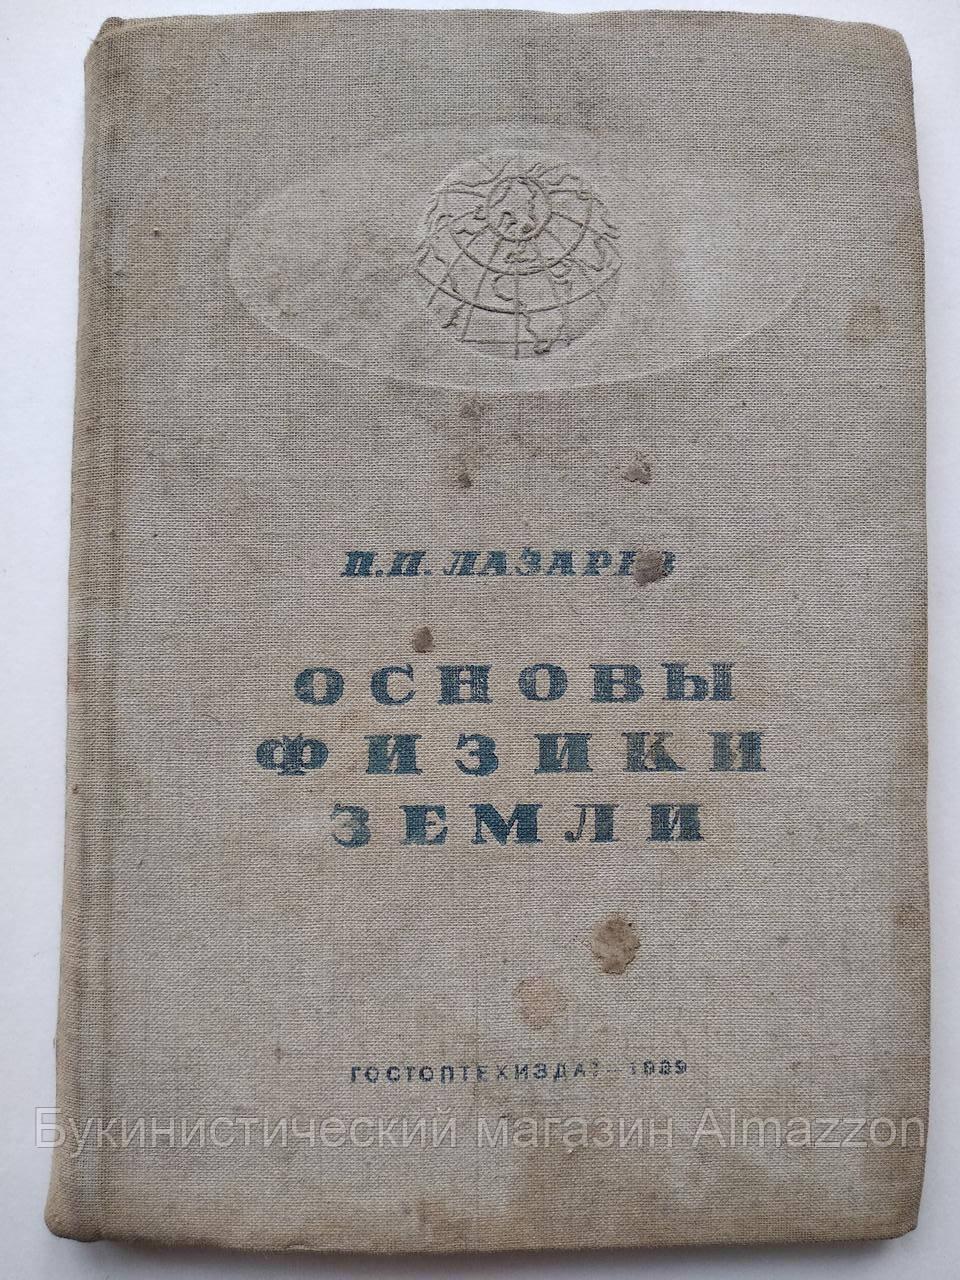 1939. Основы физики Земли. Акад.П.П.Лазарев.